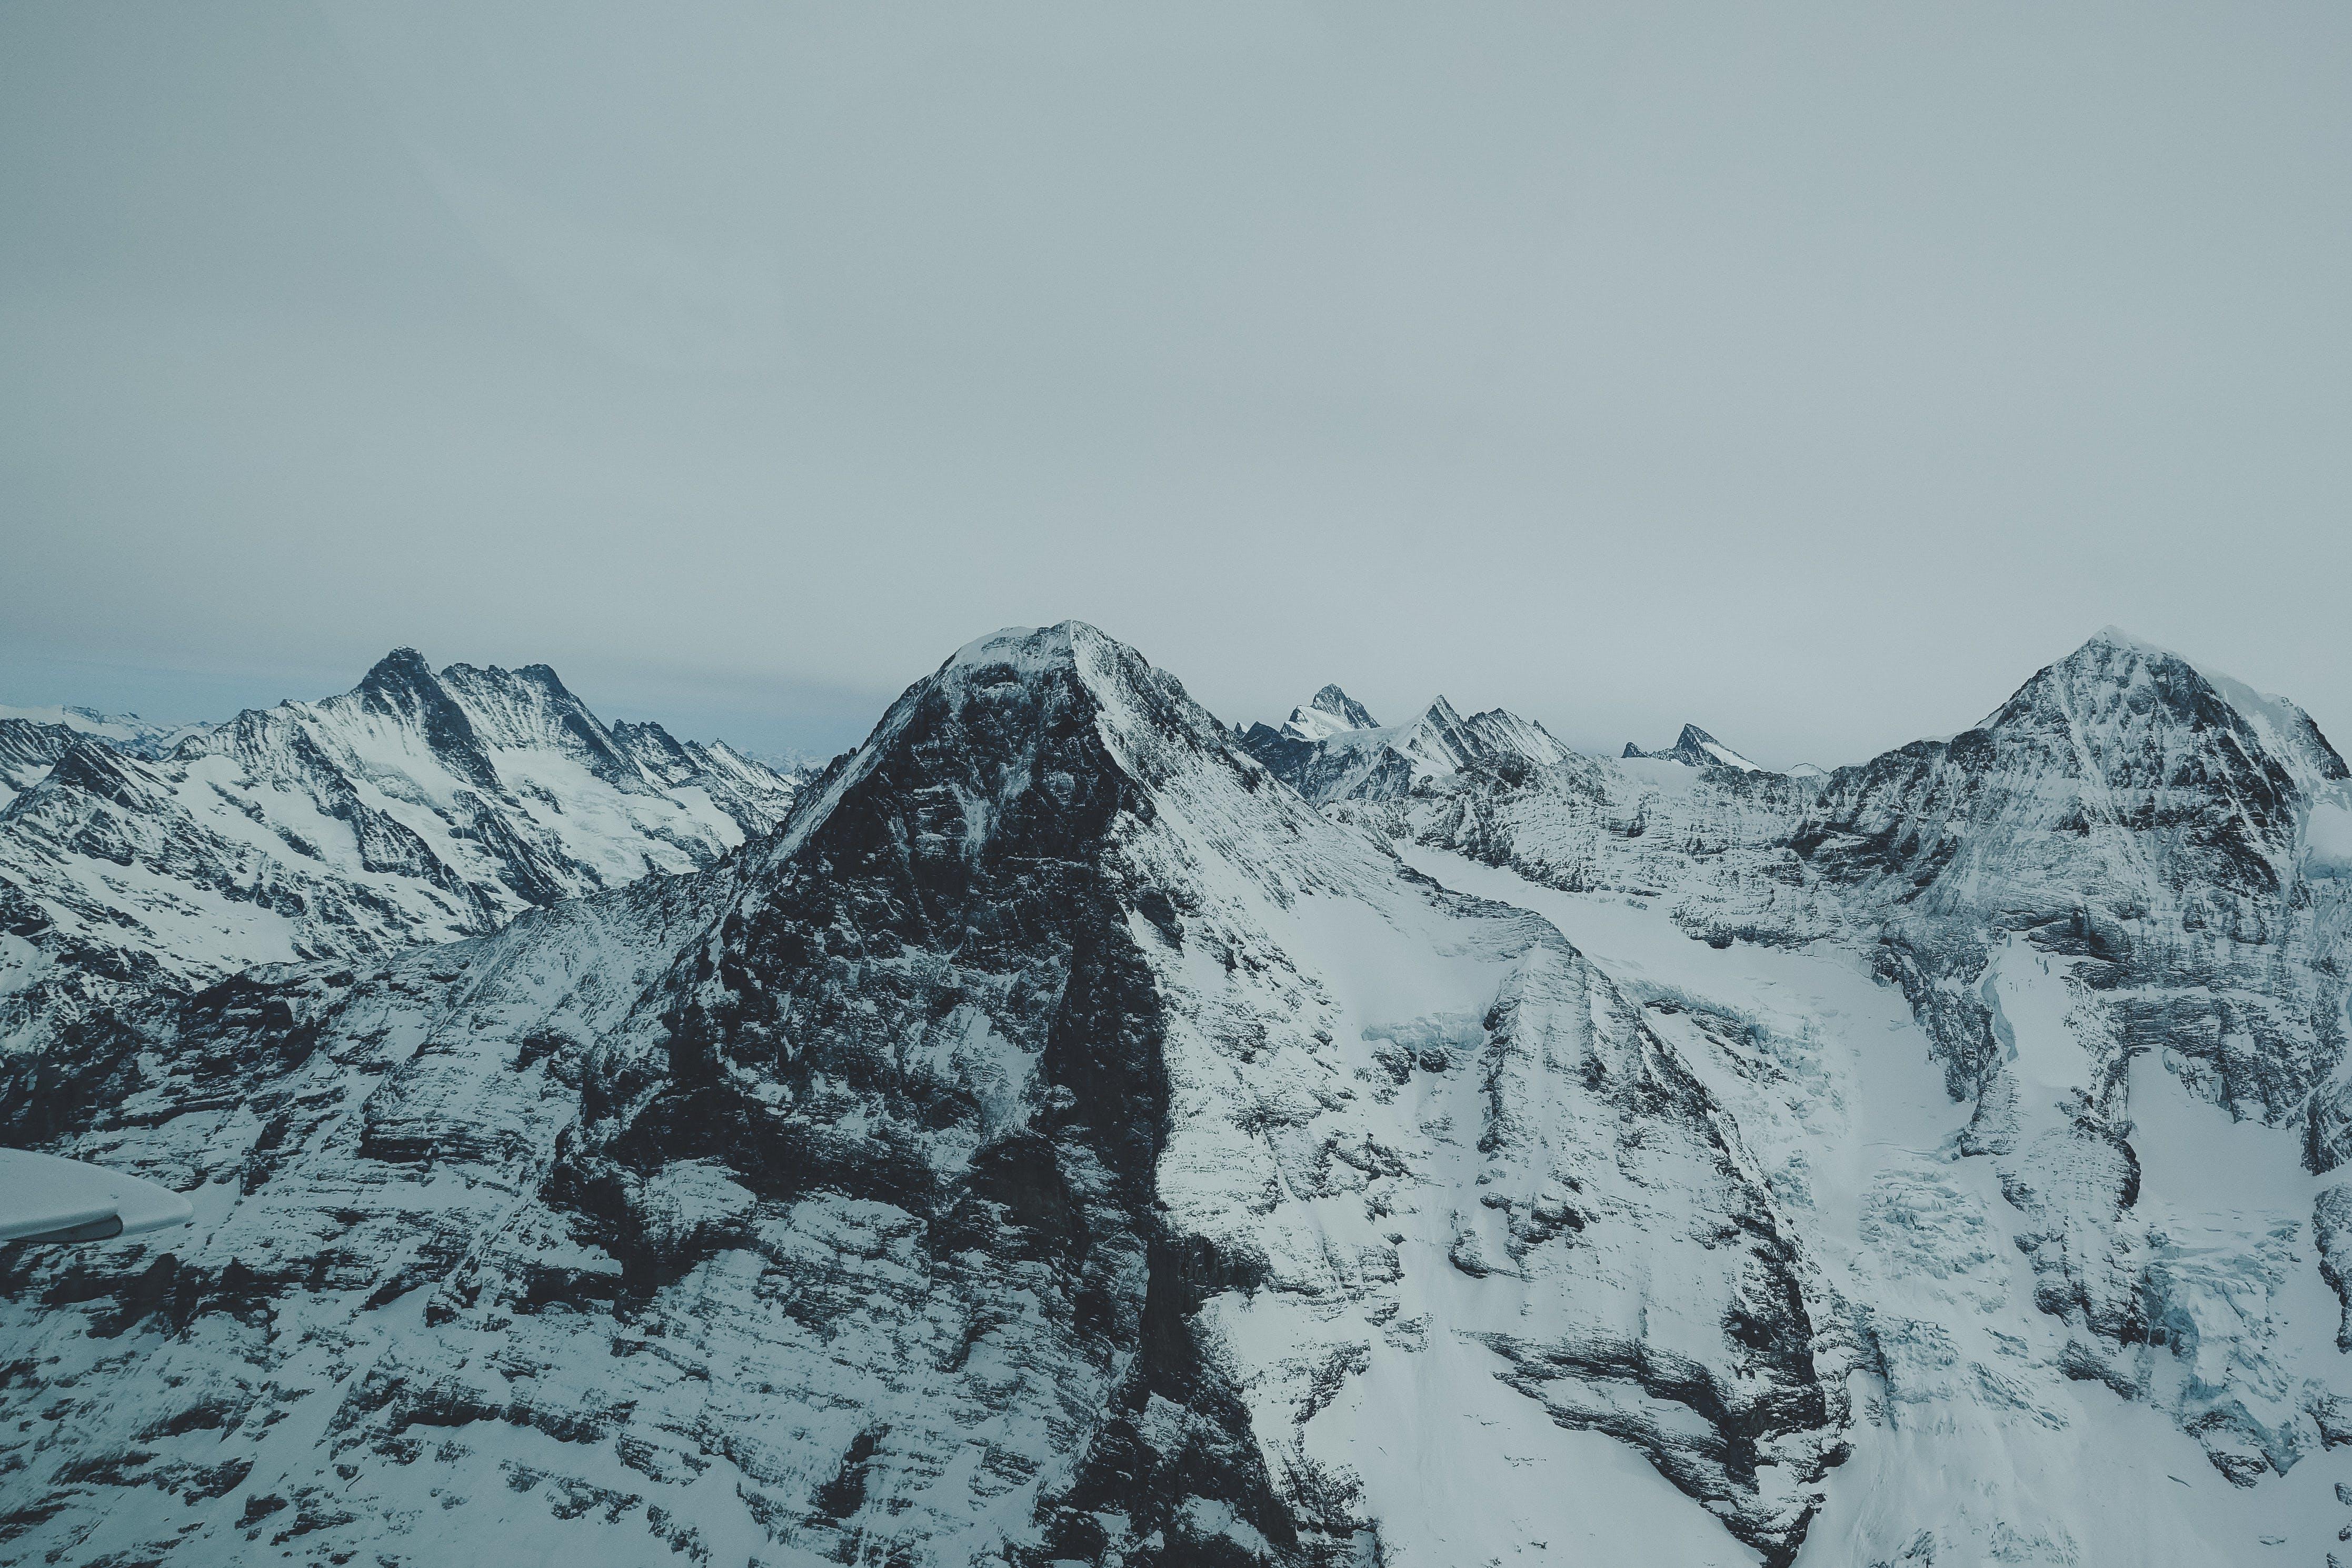 de altitud, alto, ascender, aventura